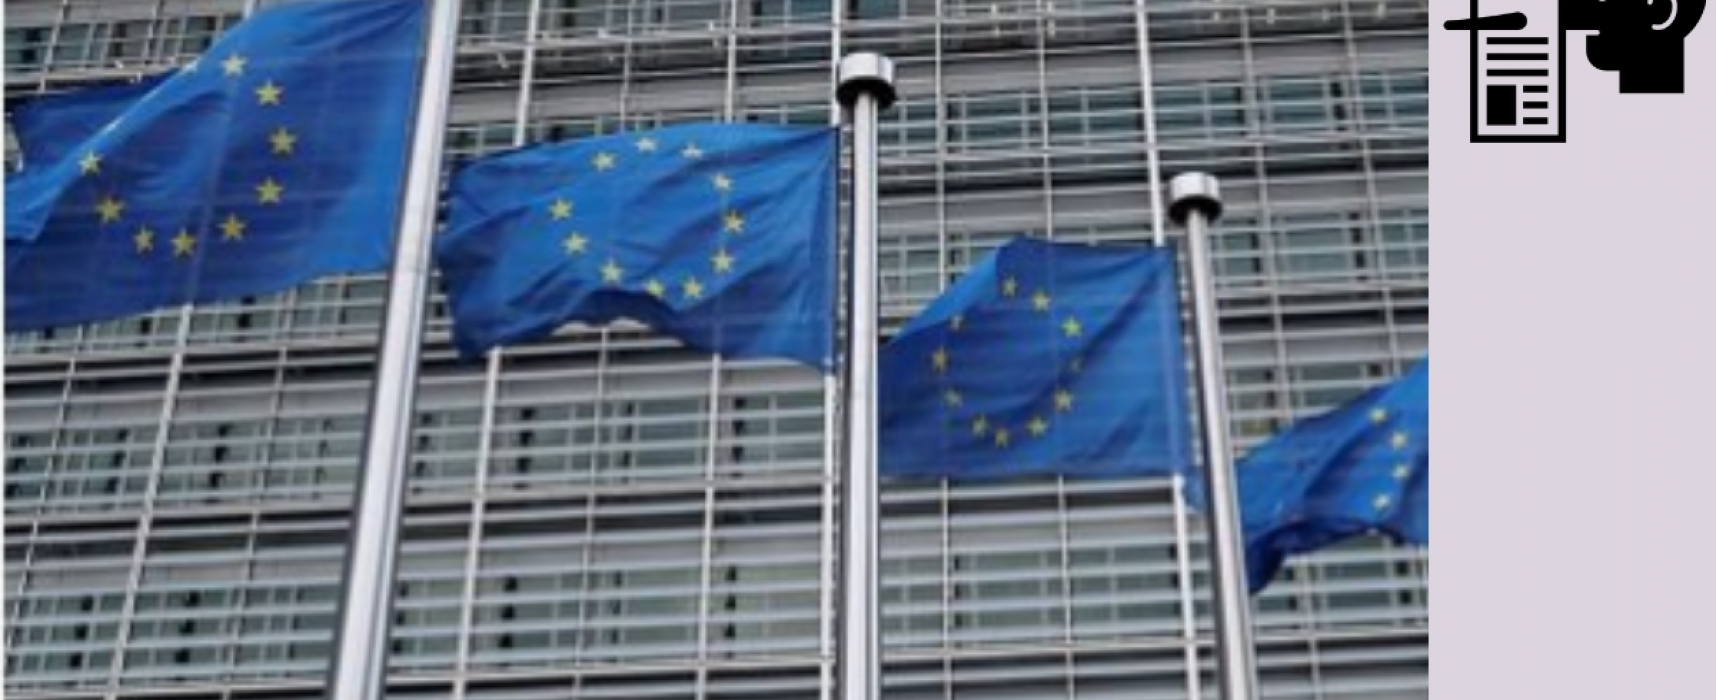 Фейк: представительство Крыма начнет работу в Евросоюзе